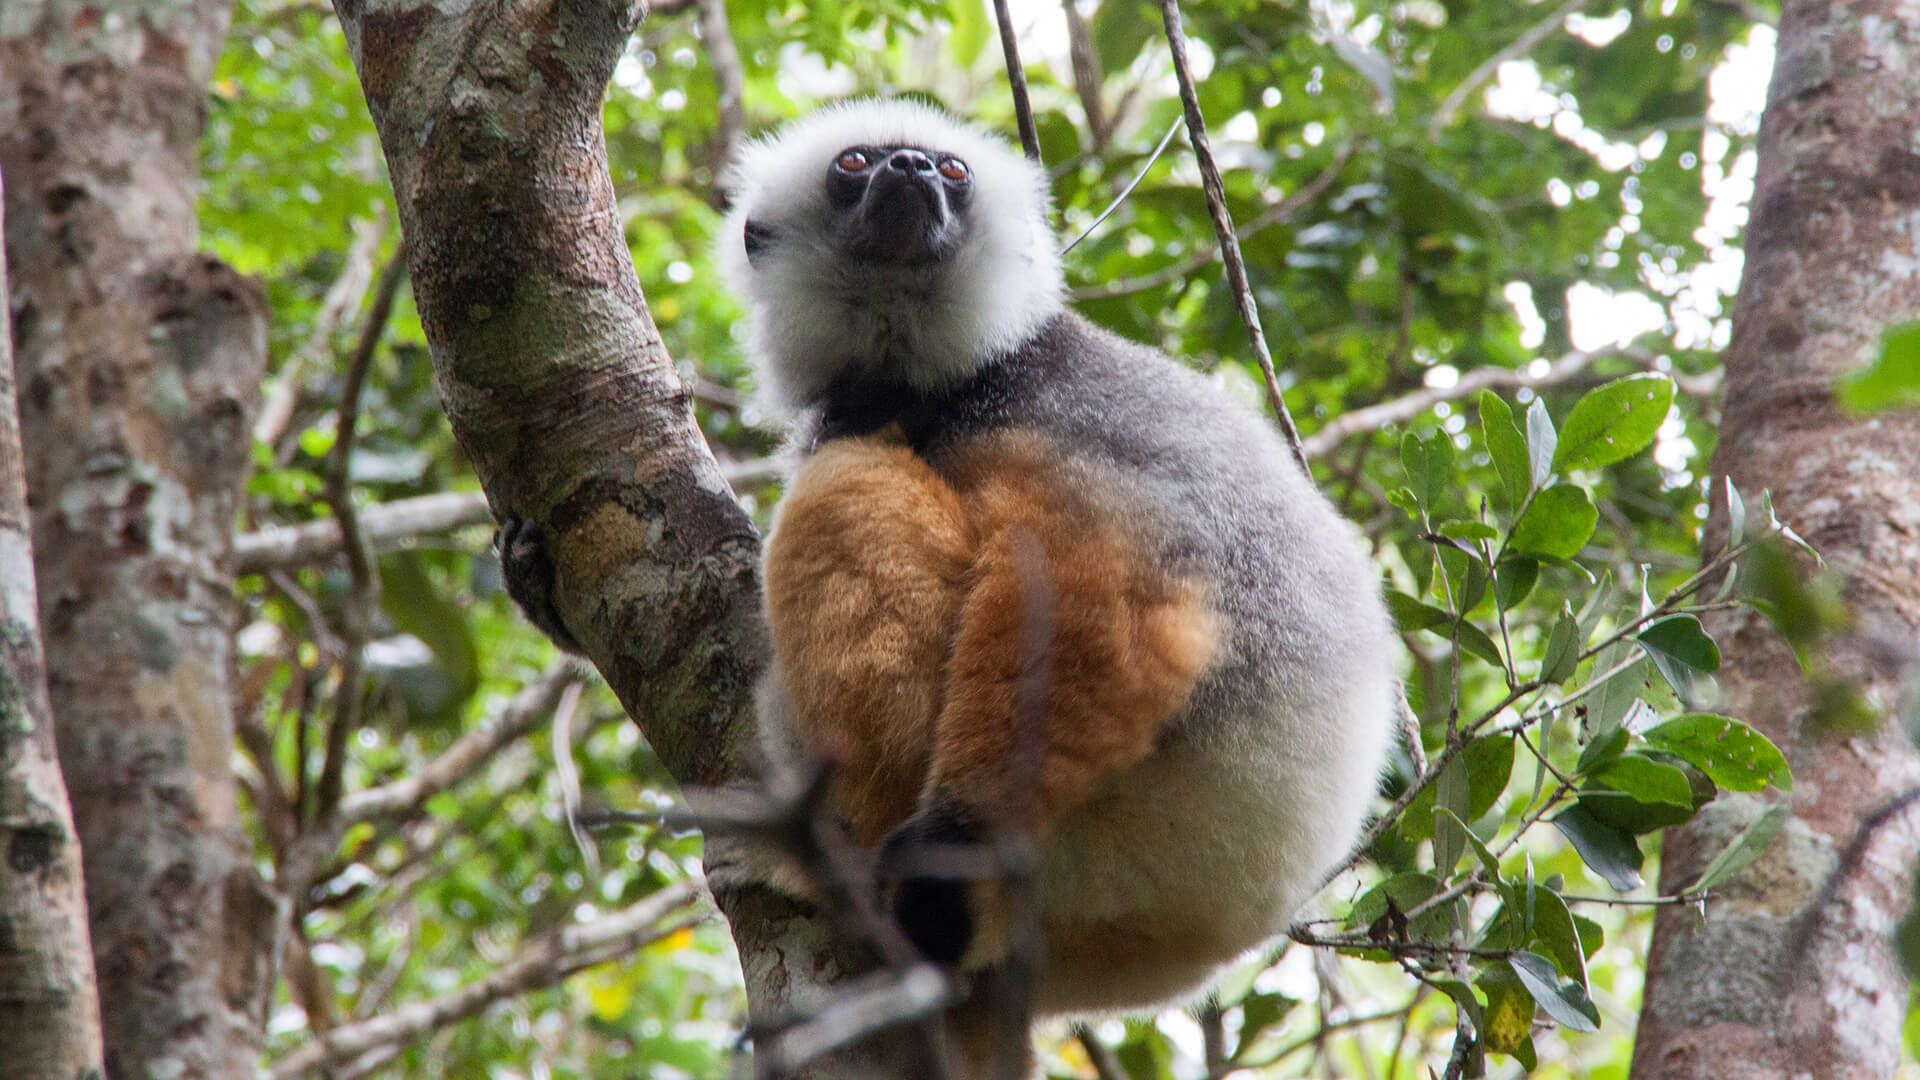 Andasibe Auf Kuschelkurs Mit Madagaskars Lemuren Madagaskar Kuscheln Die Gute Nachricht